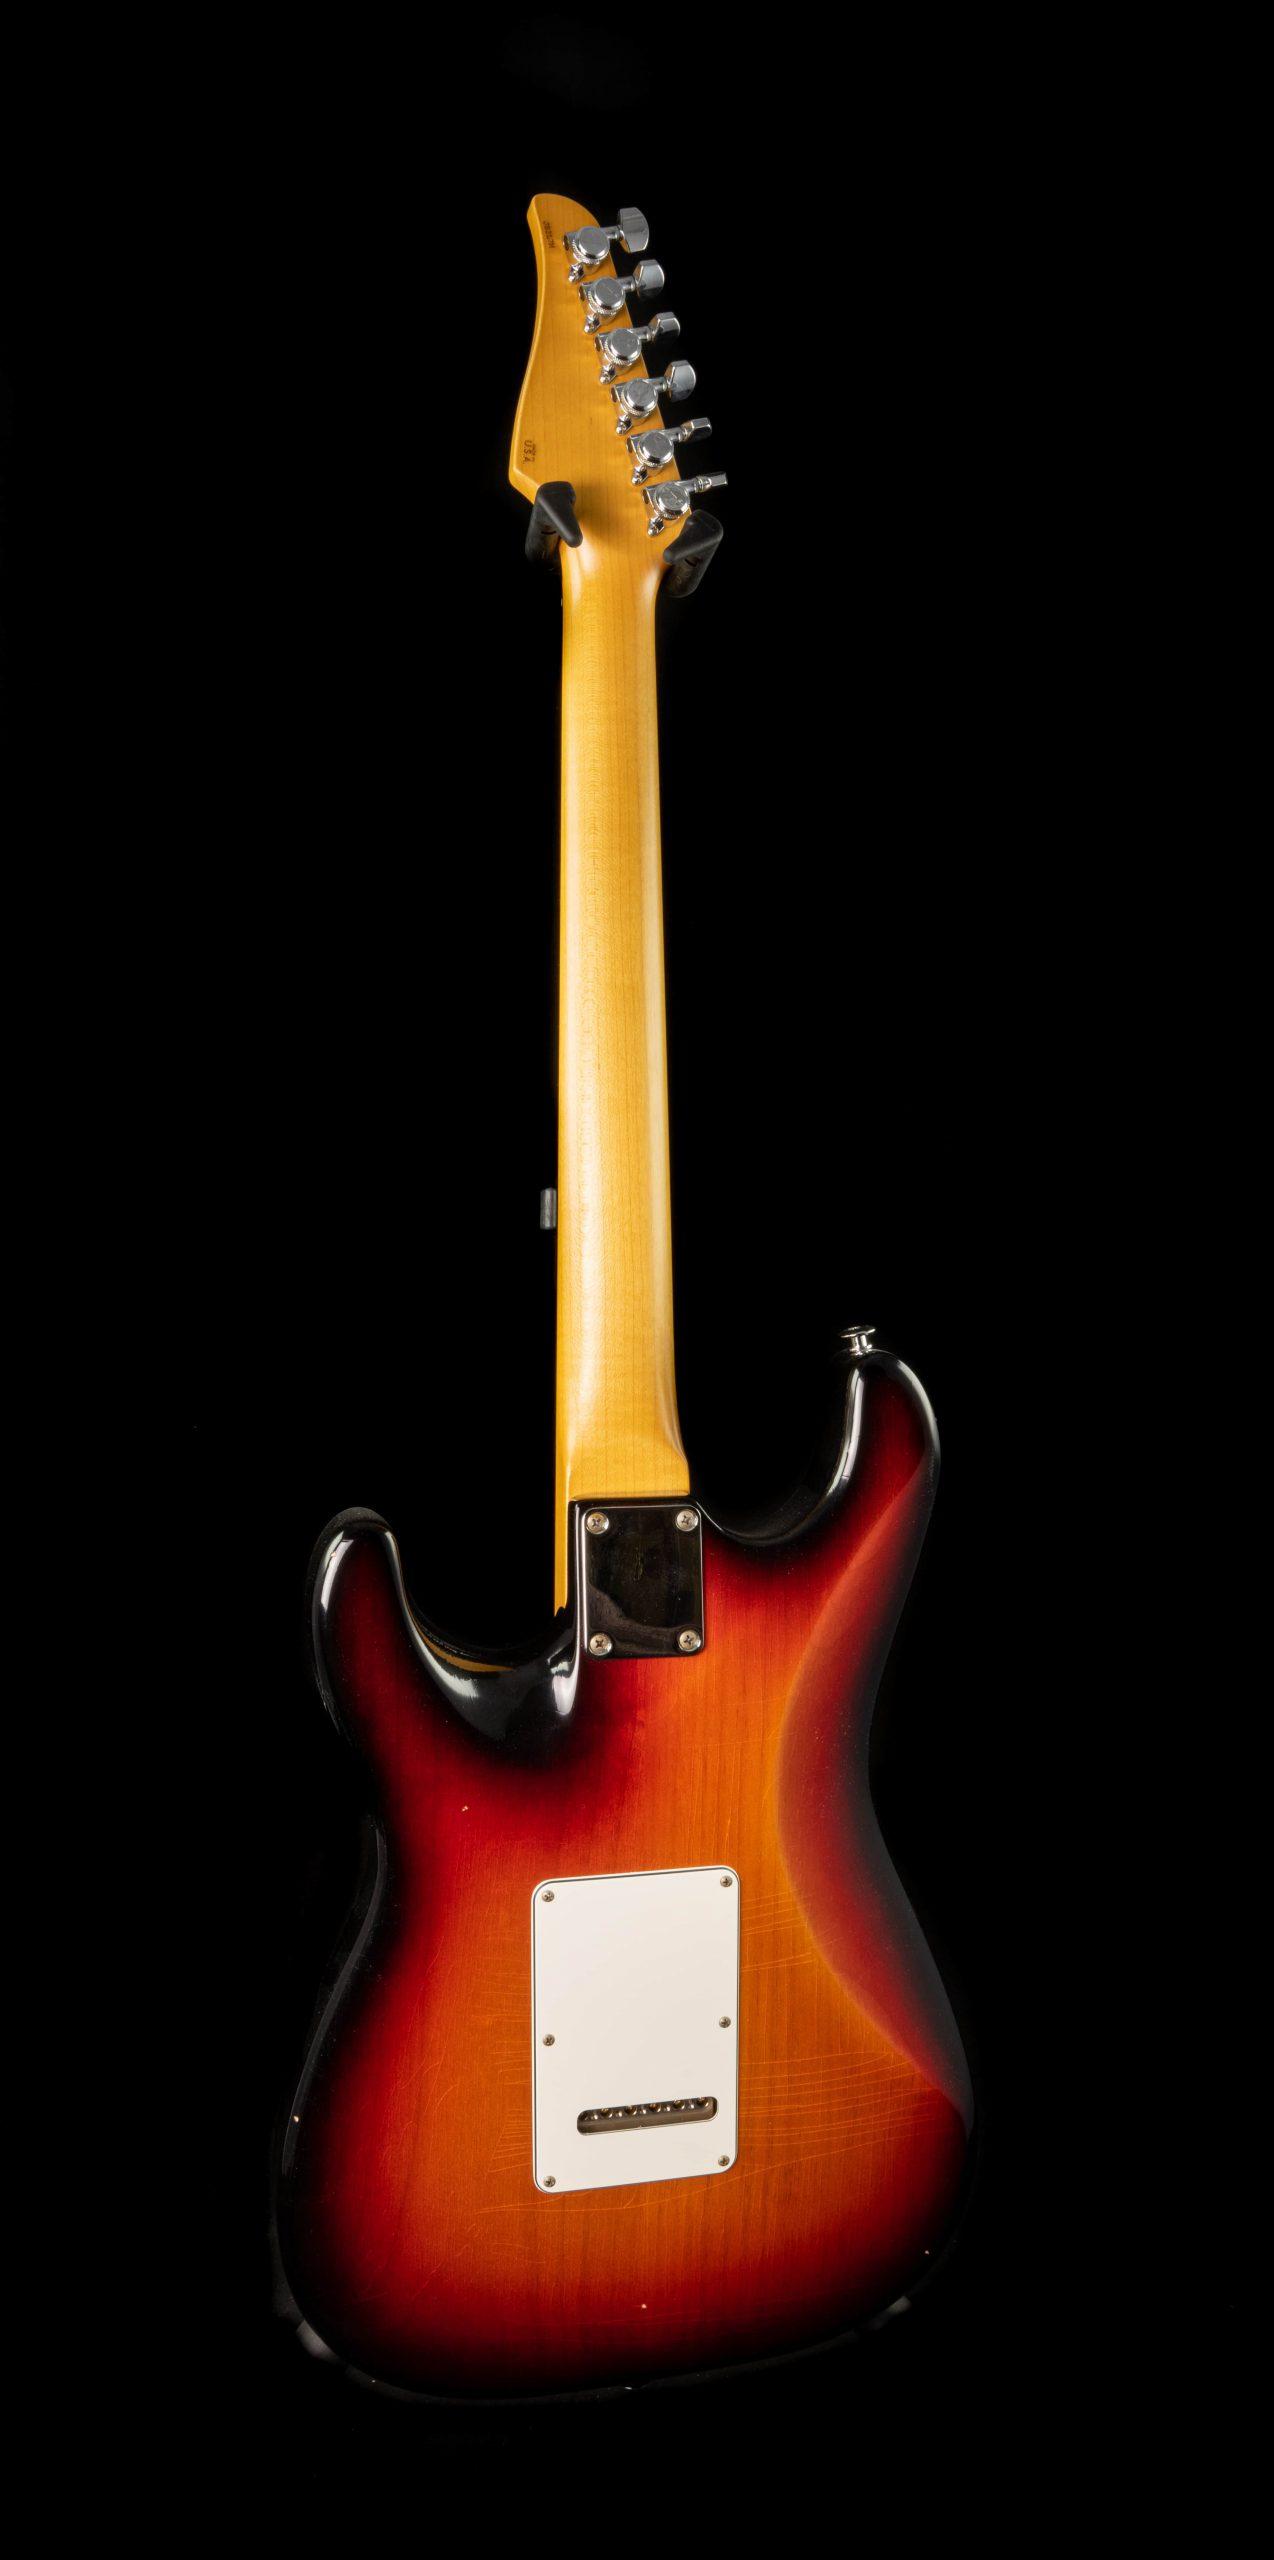 Suhr Classic S Antique in 3 Tone Burst